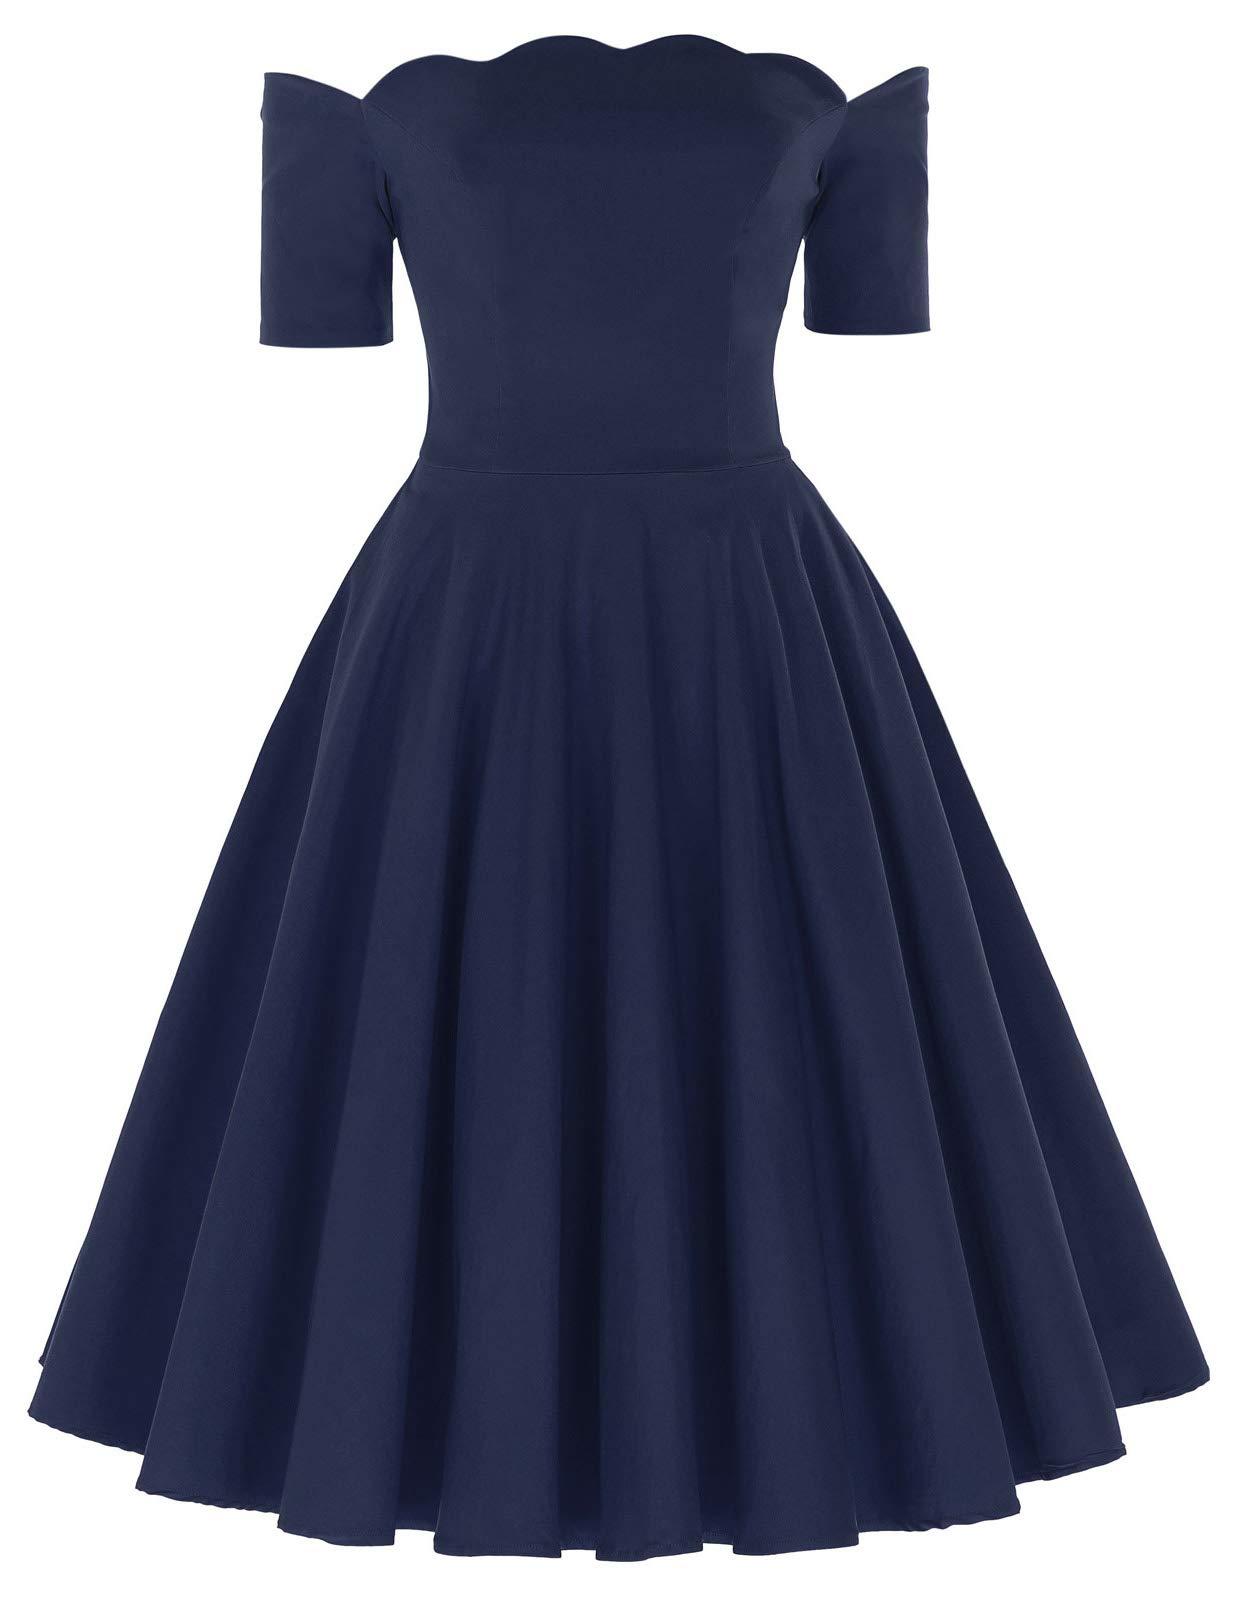 9320223483 PAUL JONES Belle Poque Women s Off Shoulder Swing Dress Party Picnic Dress  product image